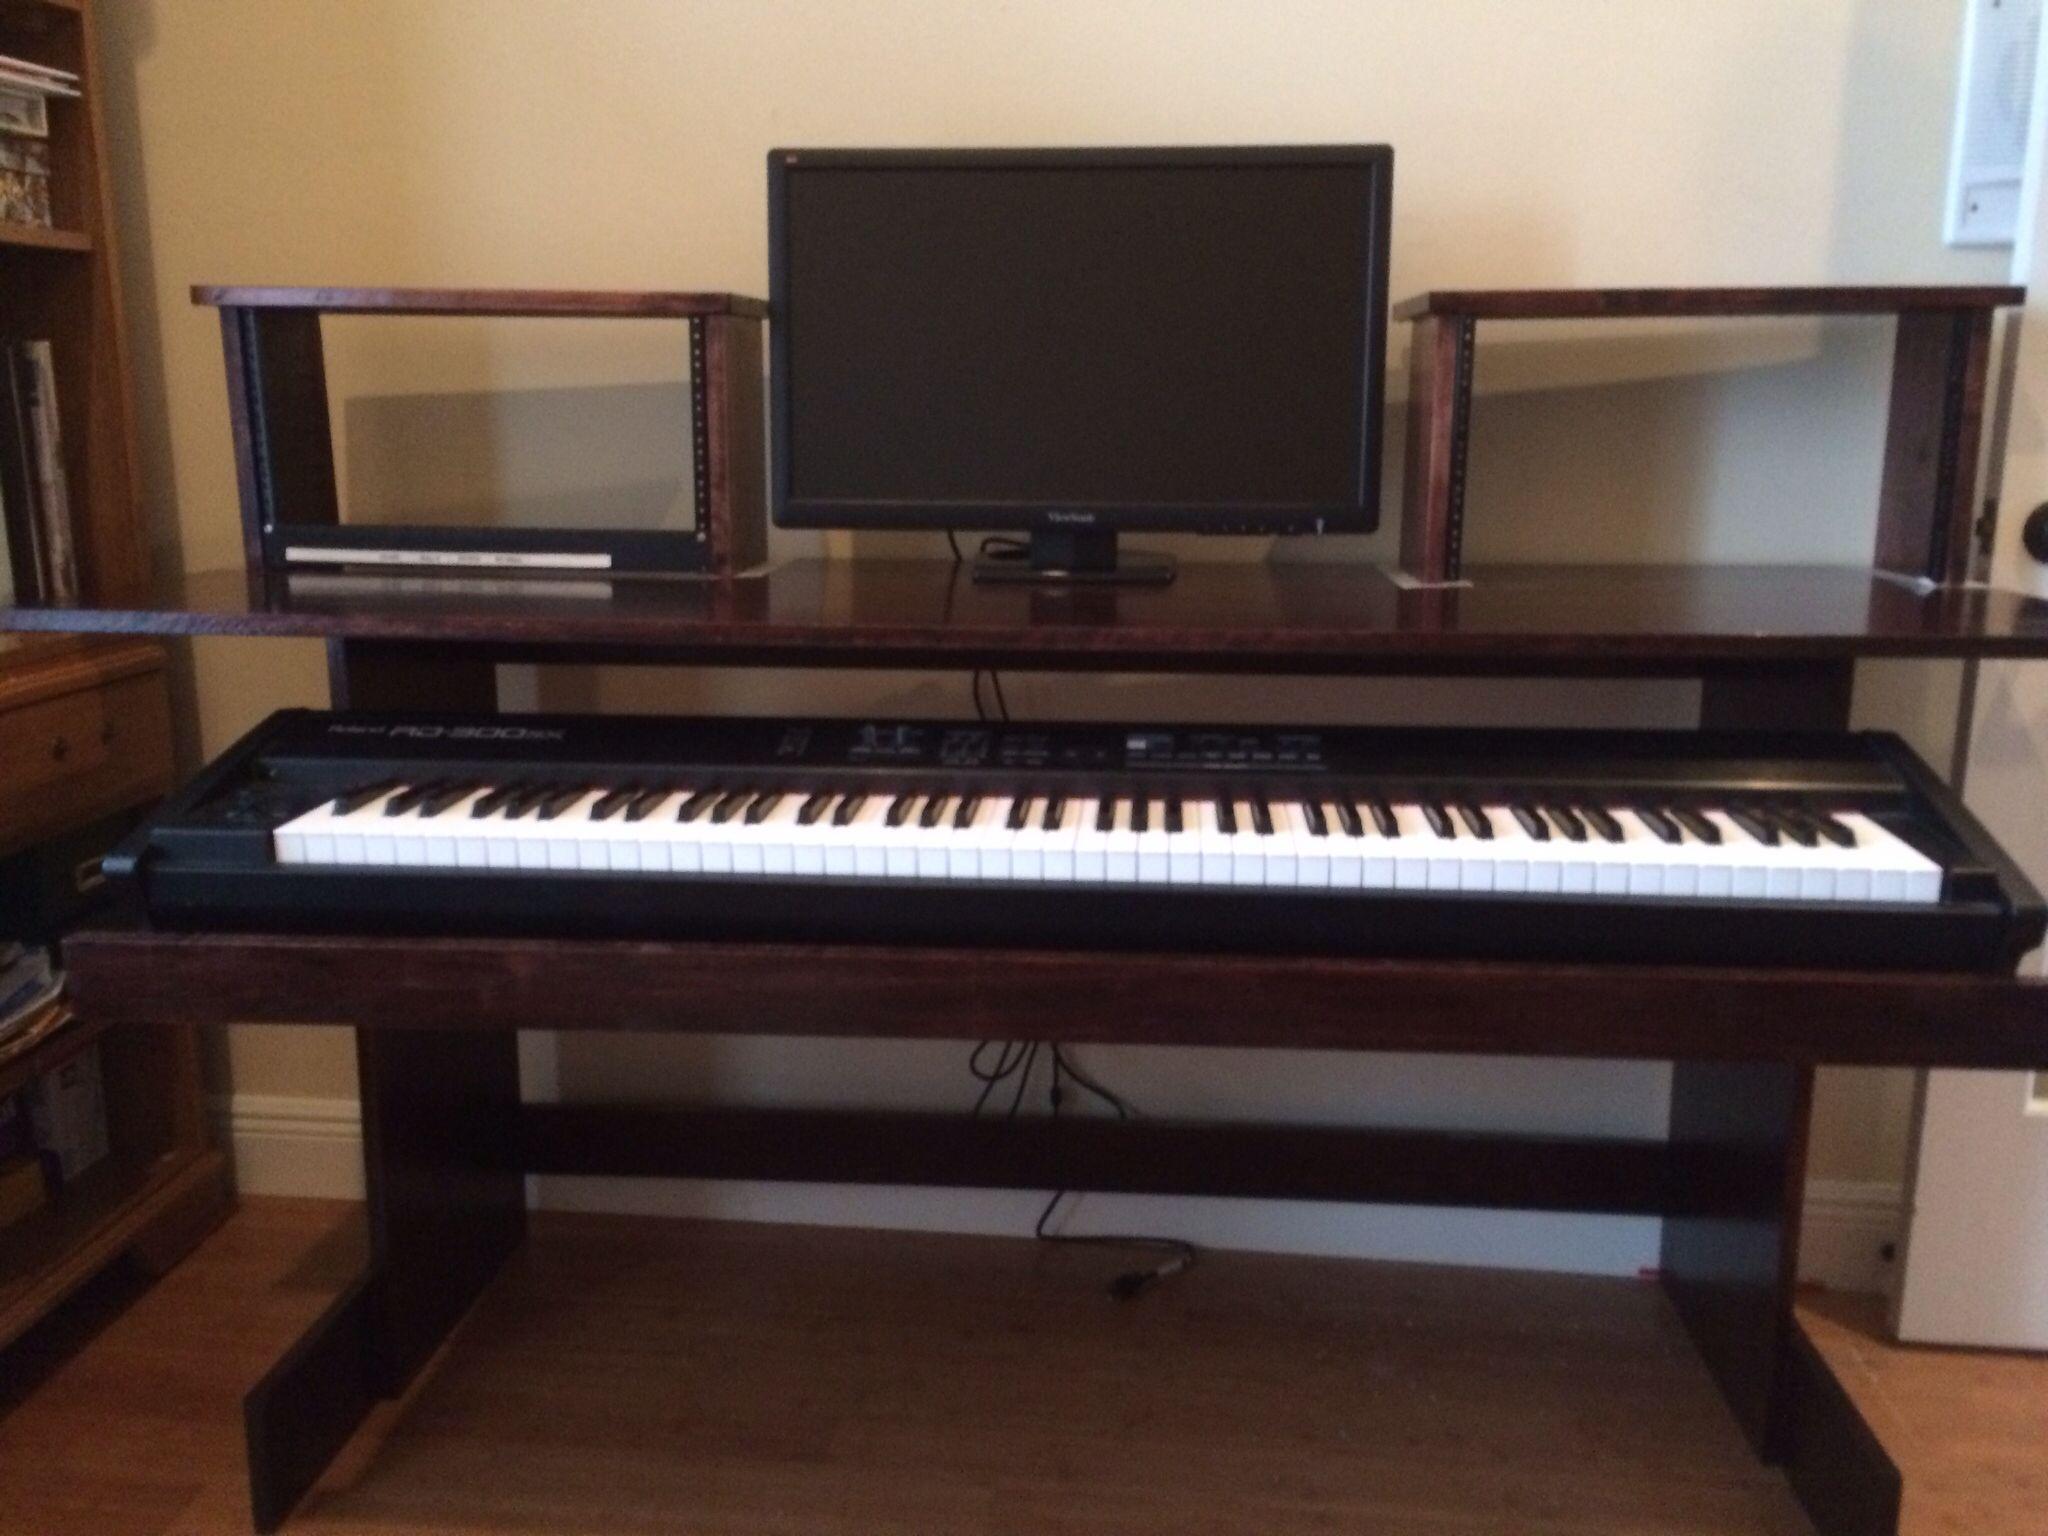 Schreibtisch ikea fredrik new desk i built for home the keyboard